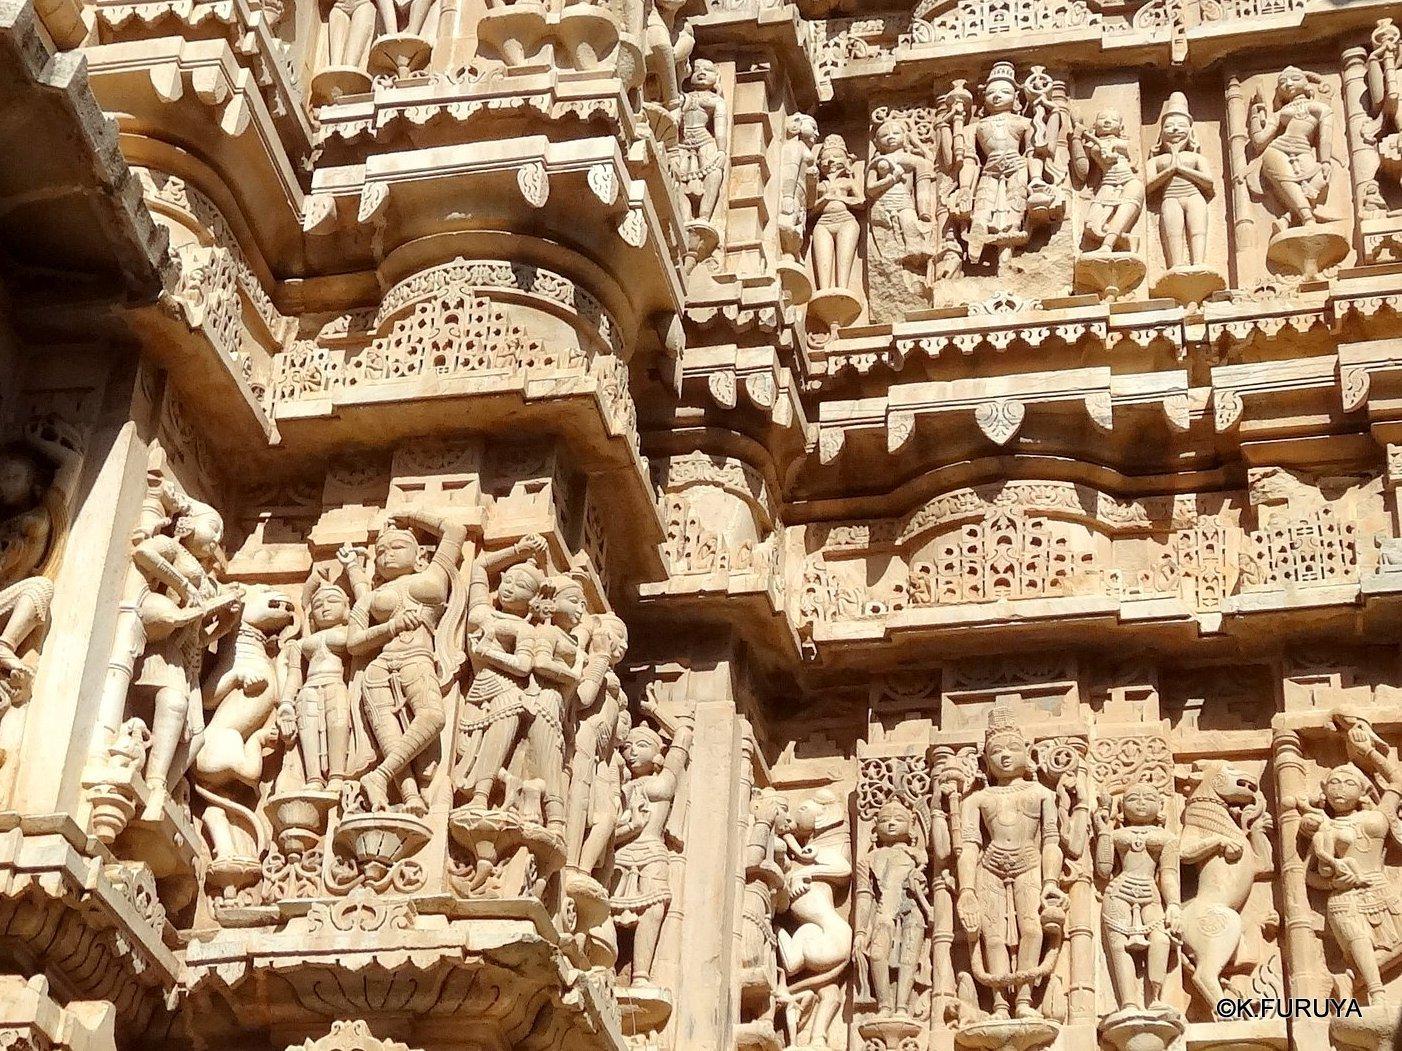 インド・ラジャスタンの旅 16 ウダイプールひとり歩き_a0092659_22301495.jpg